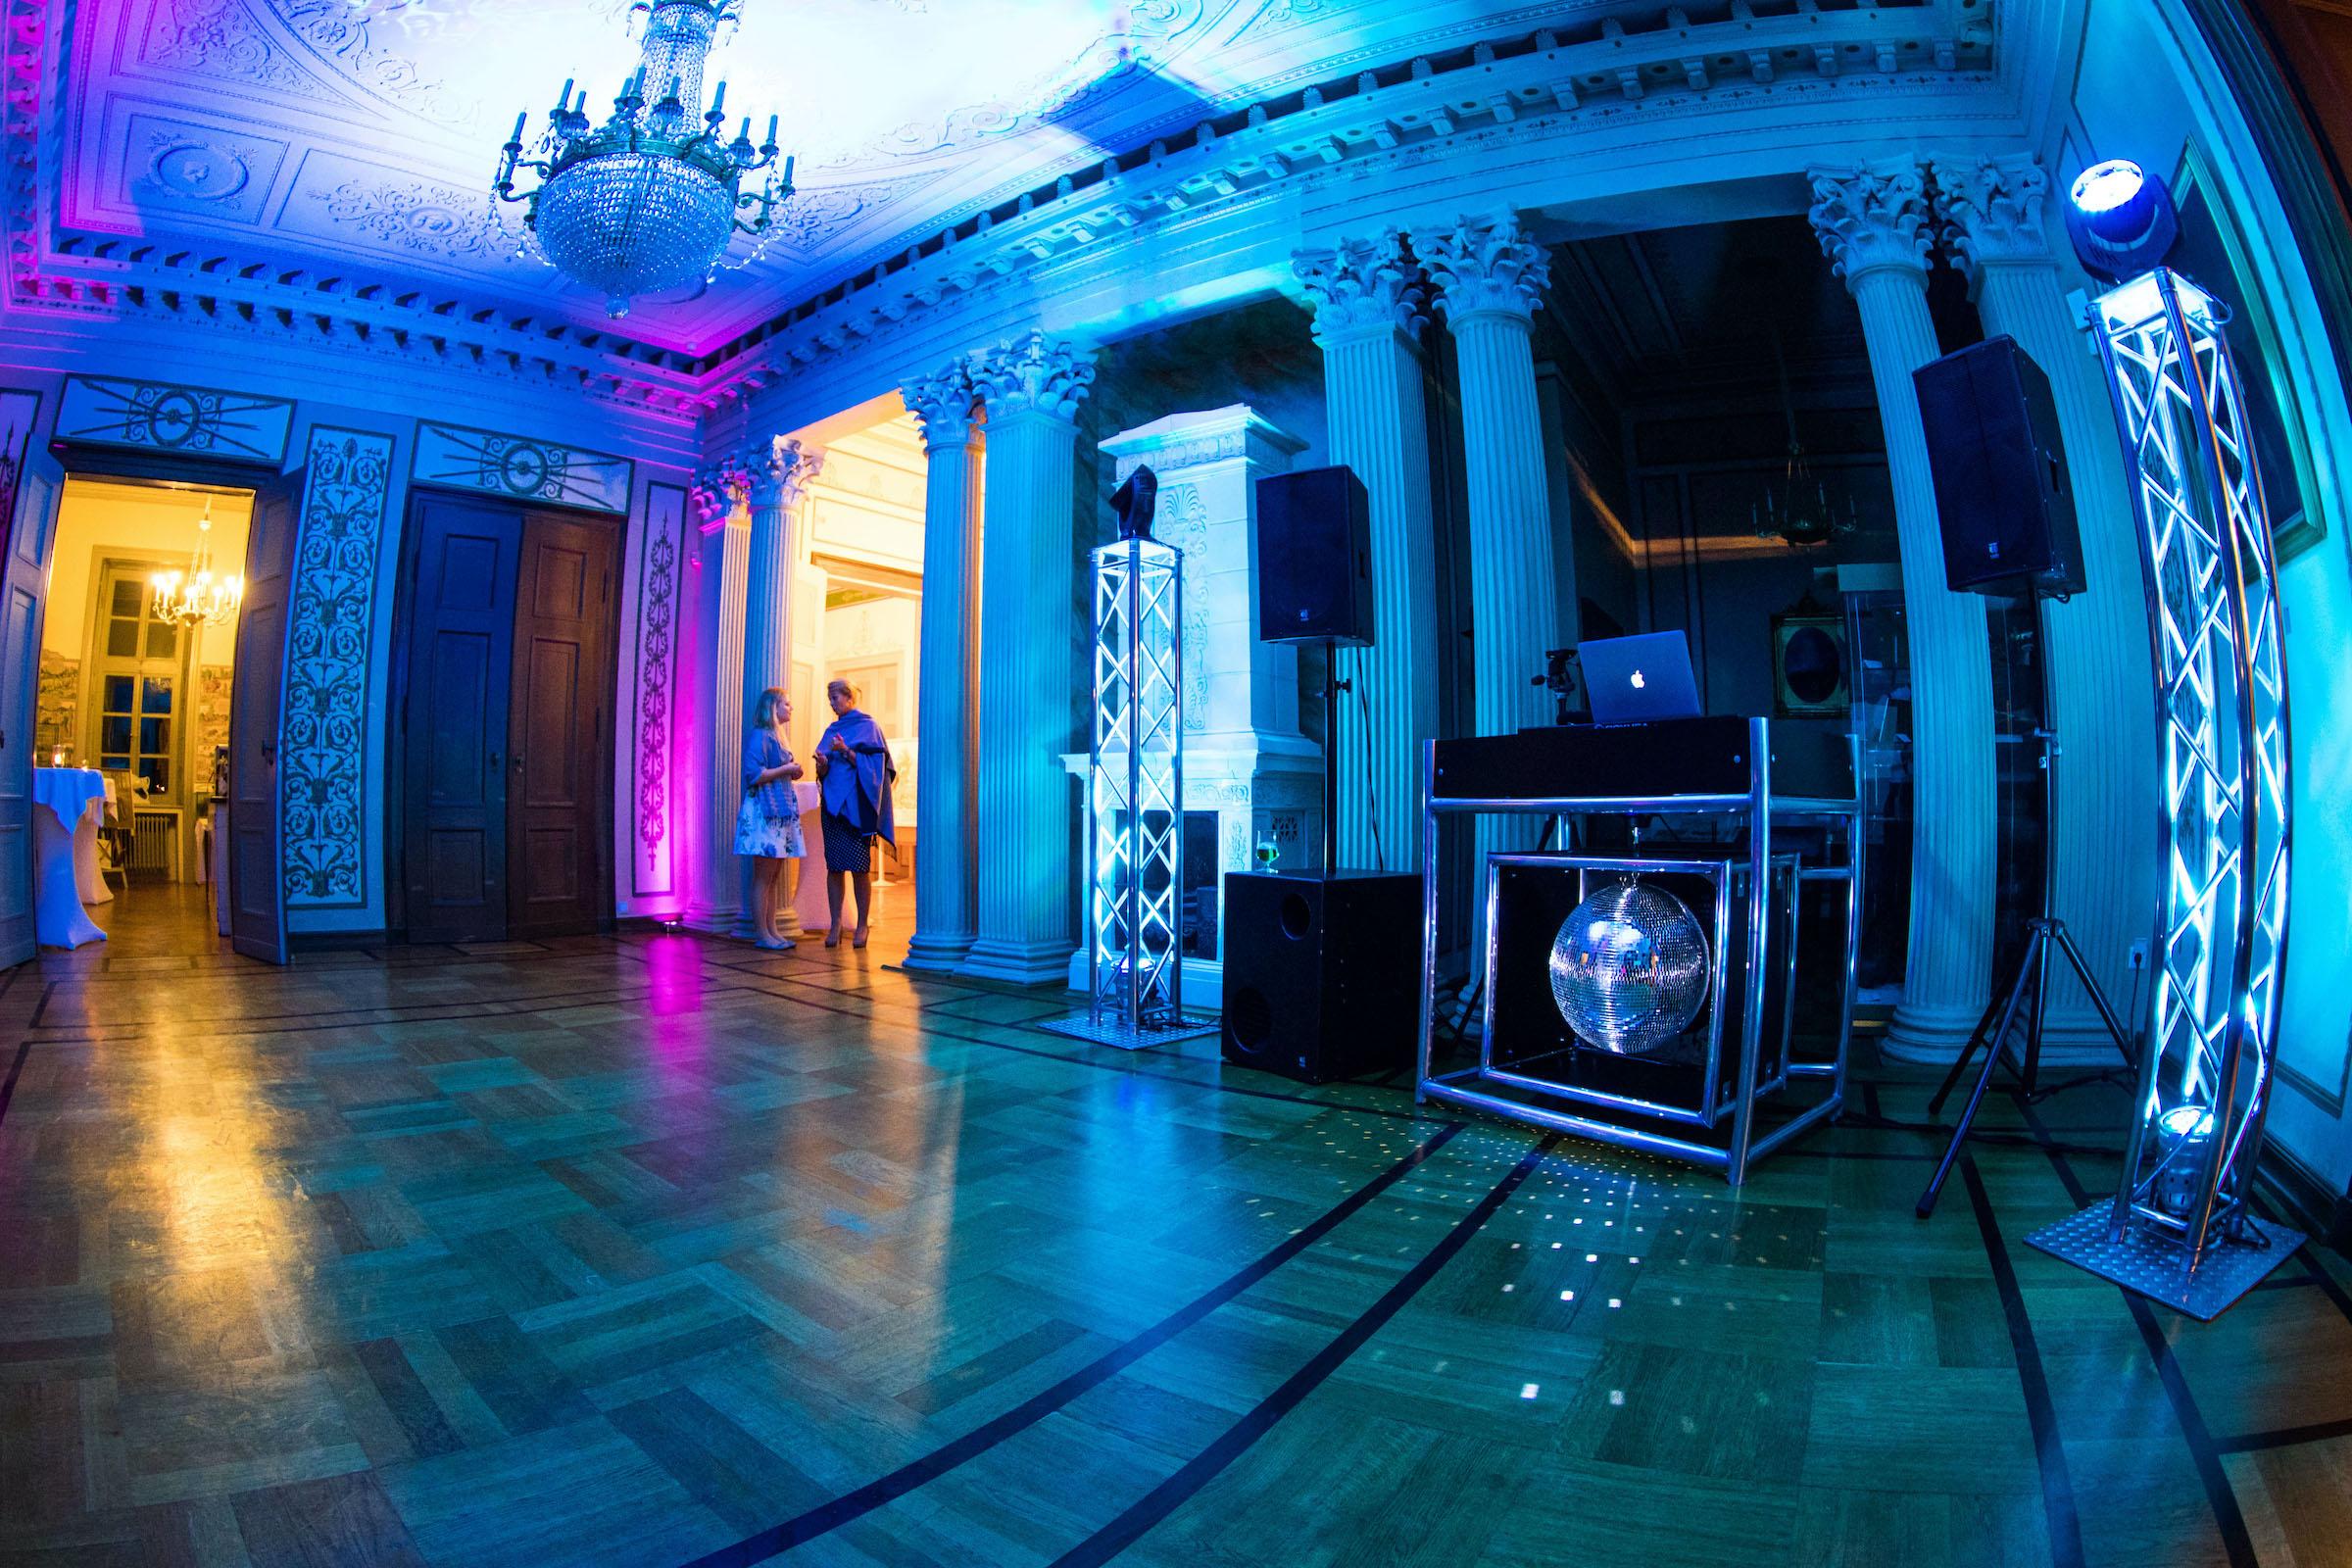 DJ |Hannover |Technik |Lautsprecher |Licht |Hochzeit |DJ |Messe |DJ |Firmenevent |Firmenfeier |DJ |Geburtstag |DJ |Weihnachtsfeier |DJ |Sommerfest |Event |Anfragen |Buchen |Lehmann |Eventservice